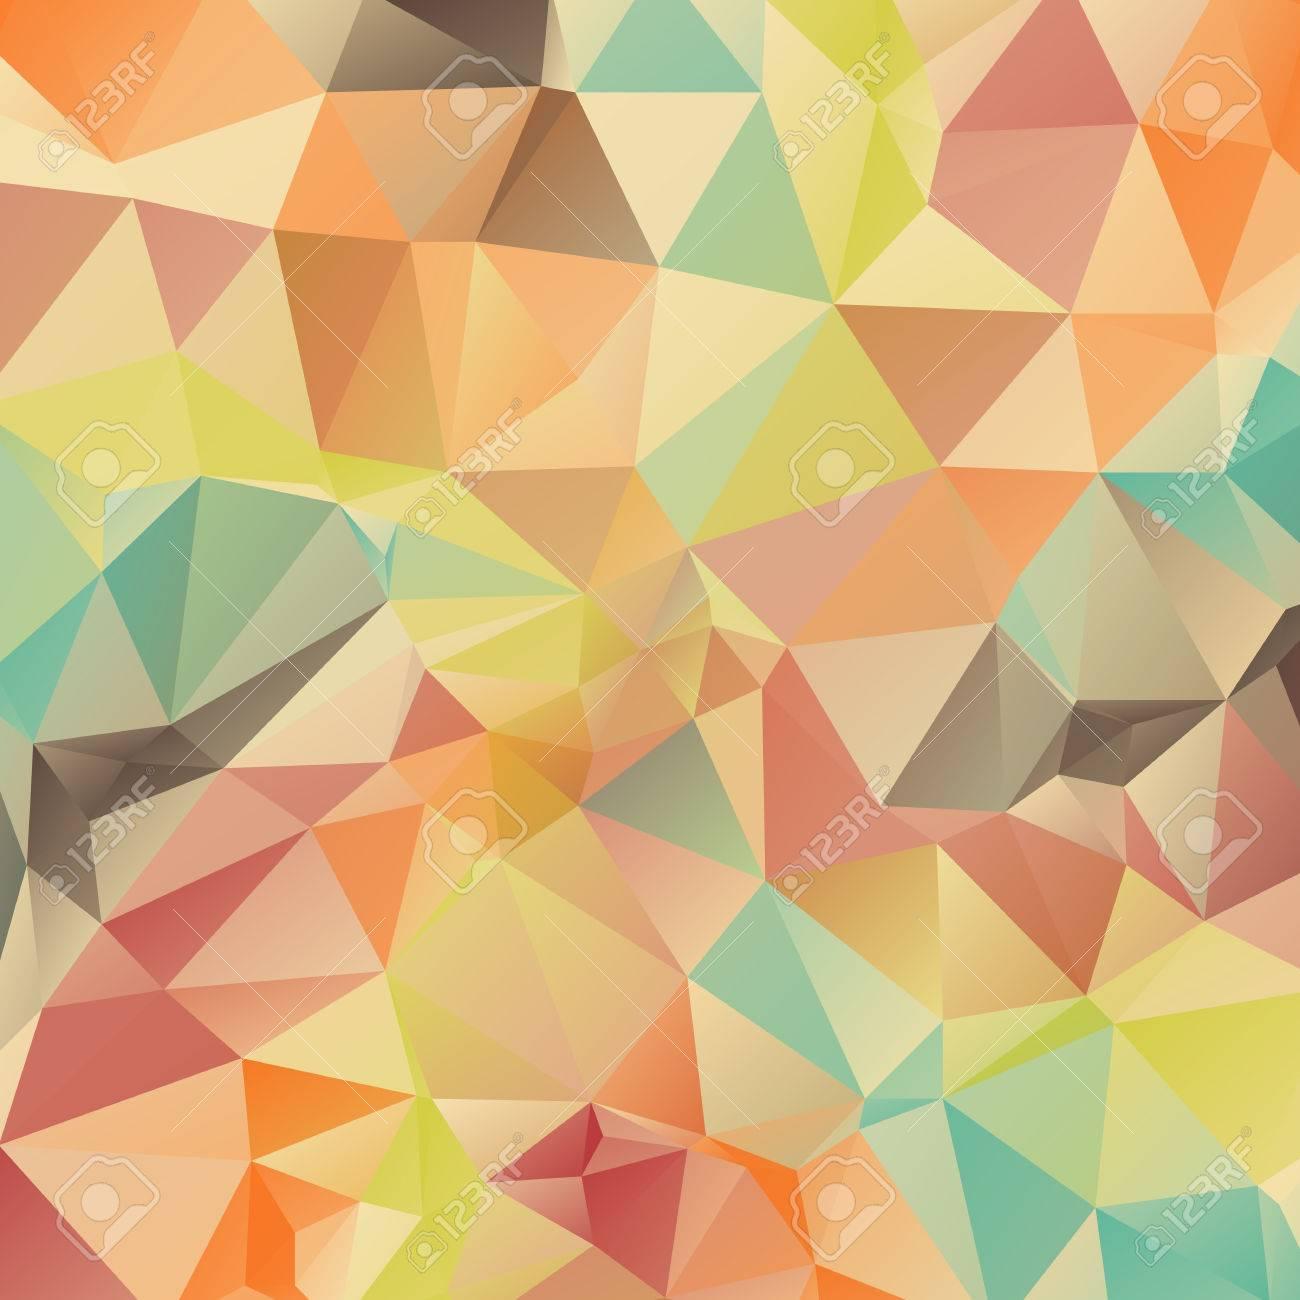 Abstract Retro Geometrischen Dreieck Hintergrund Vektor